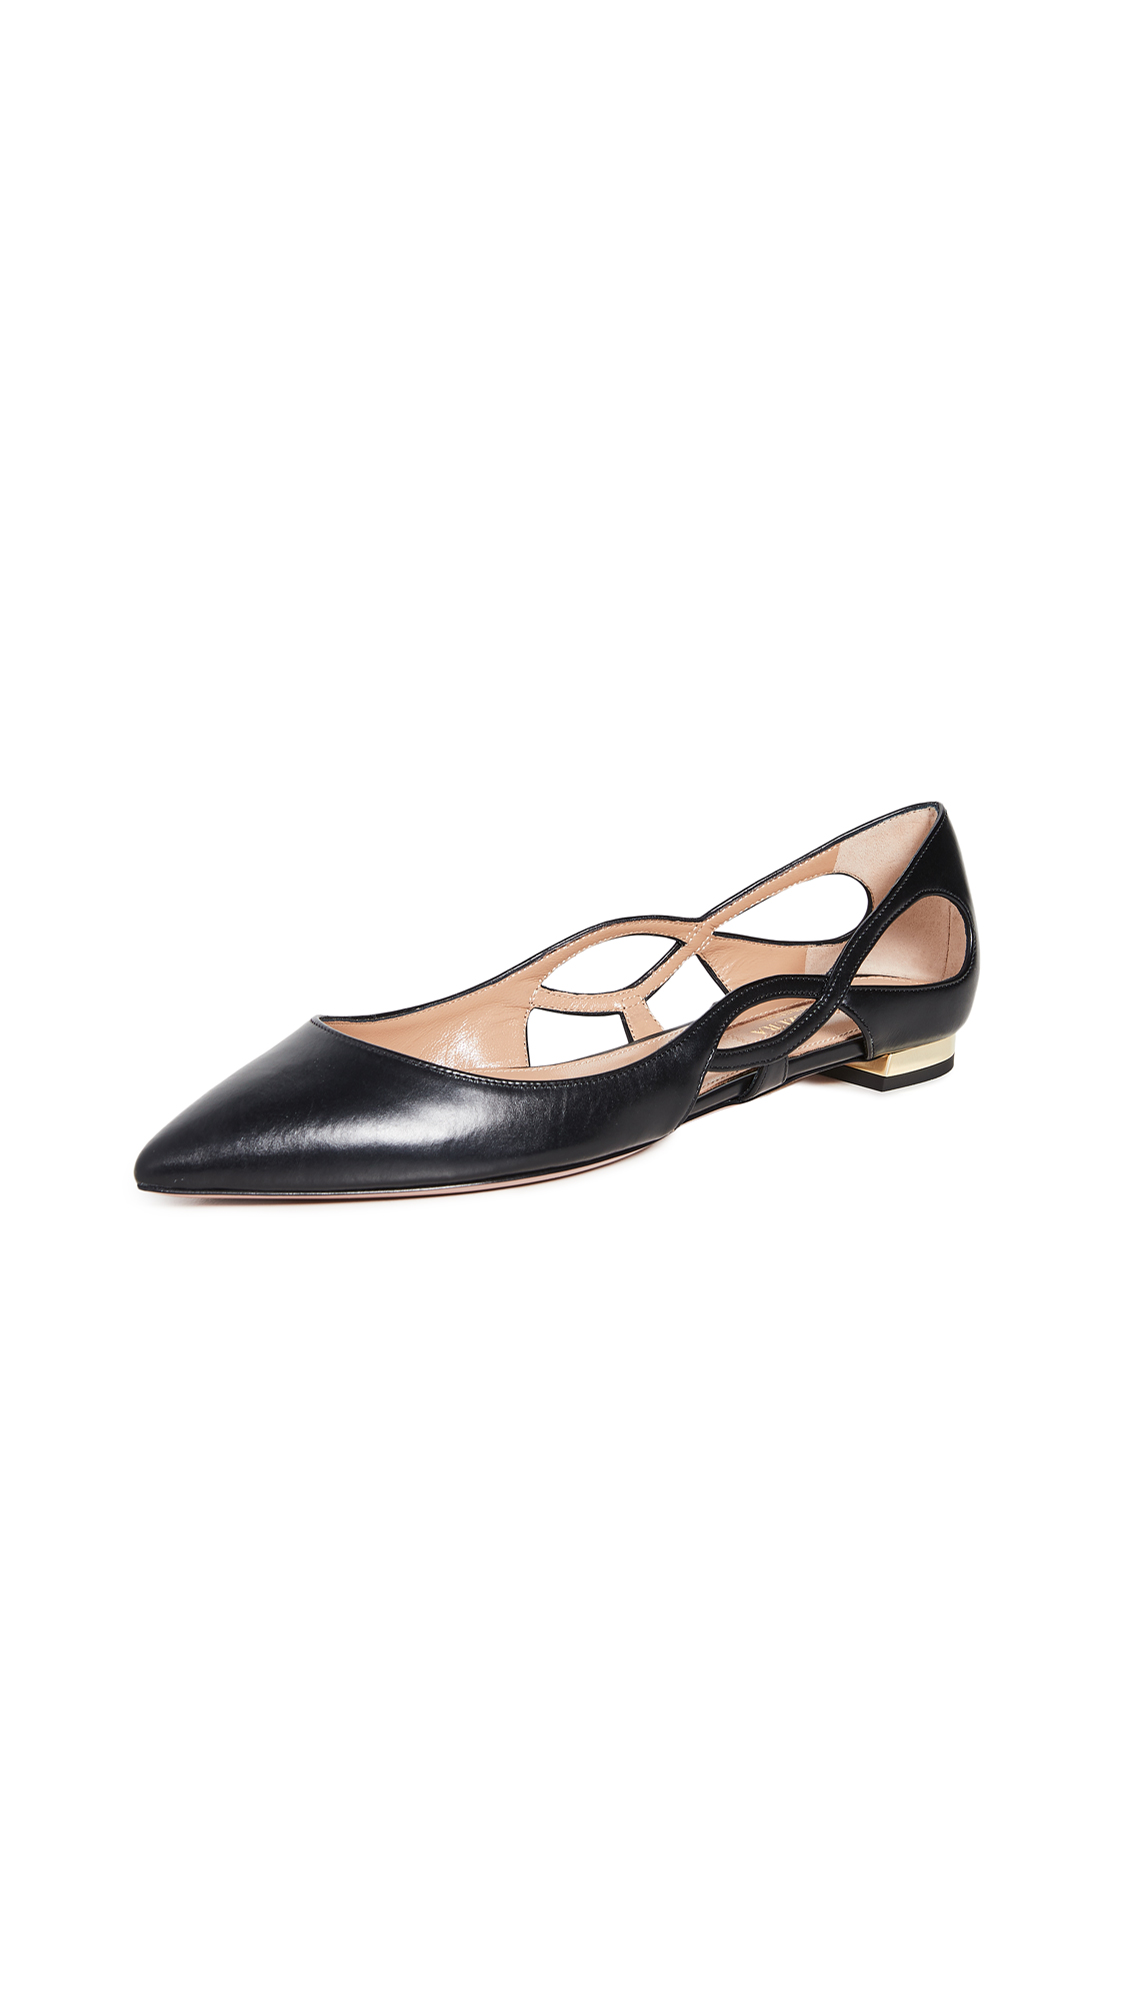 Buy Aquazzura Forever Ballet Flats online, shop Aquazzura